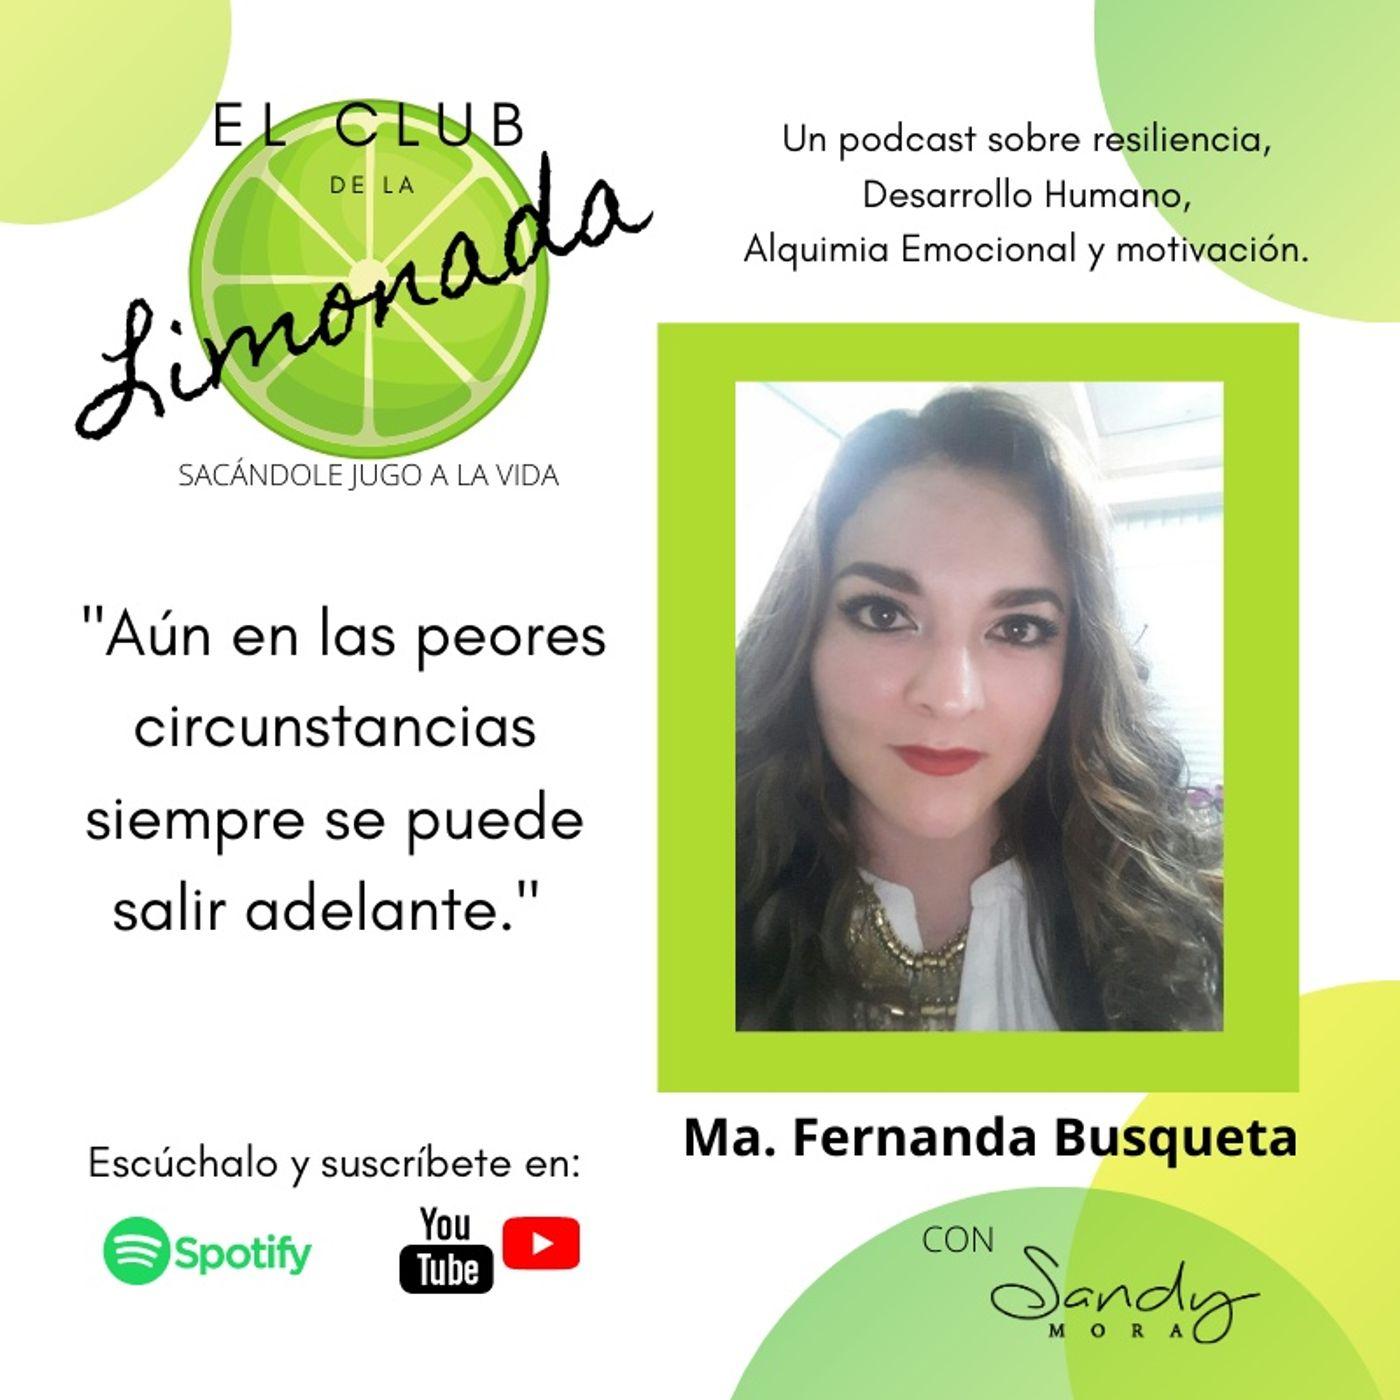 Episodio 49: Fernanda Busqueta, herramientas para enfrentar la enfermedad